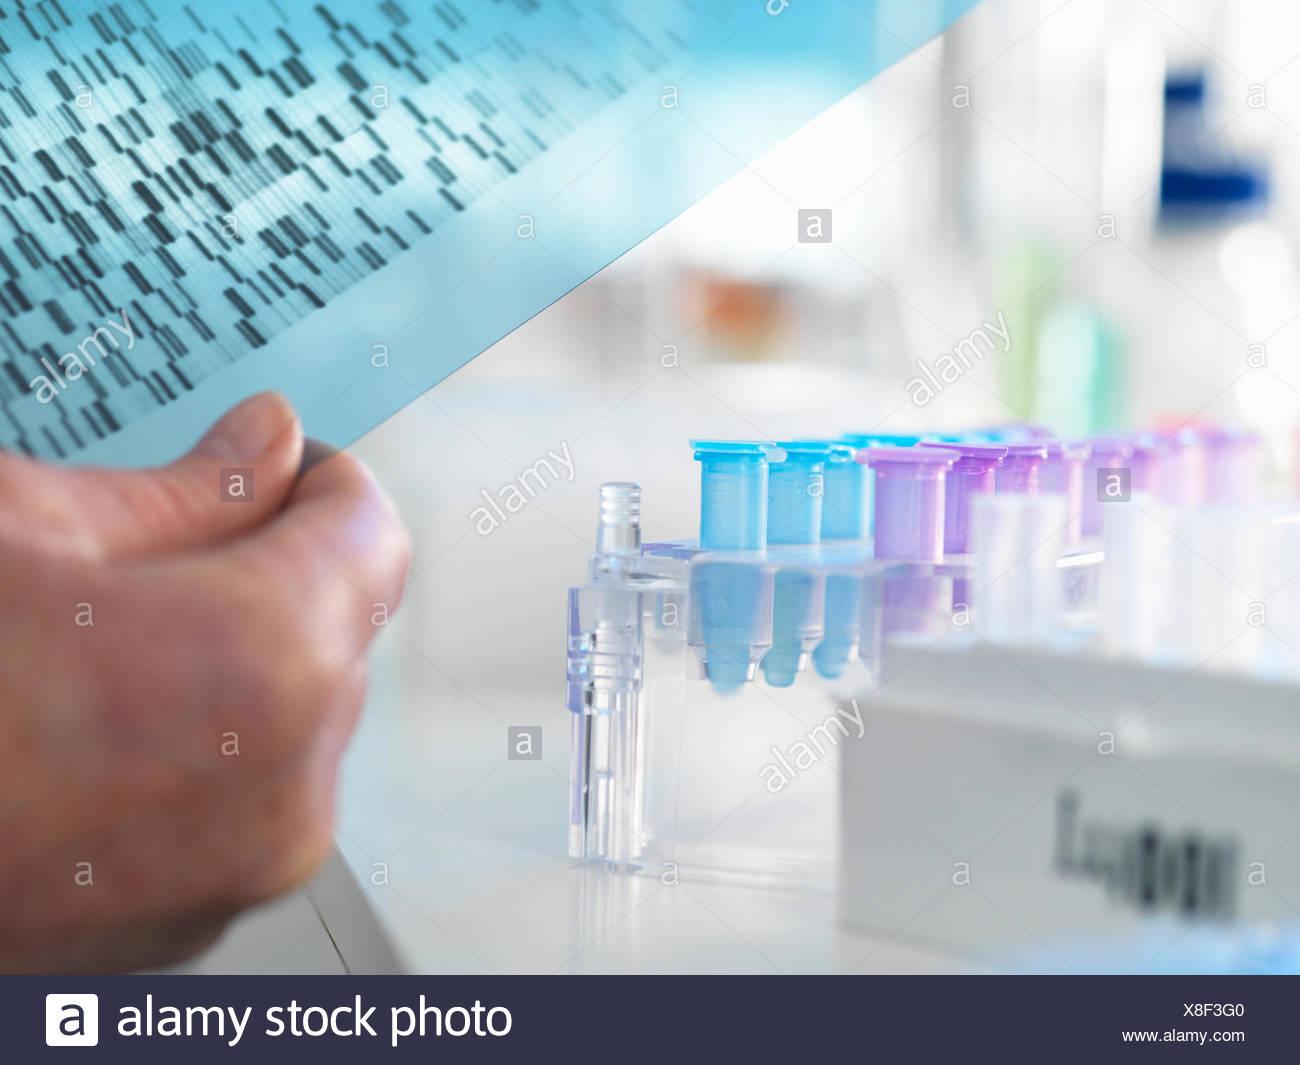 La tenue d'un chercheur de l'acide désoxyribonucléique (ADN) gel pendant une expérience génétique dans un laboratoire Photo Stock